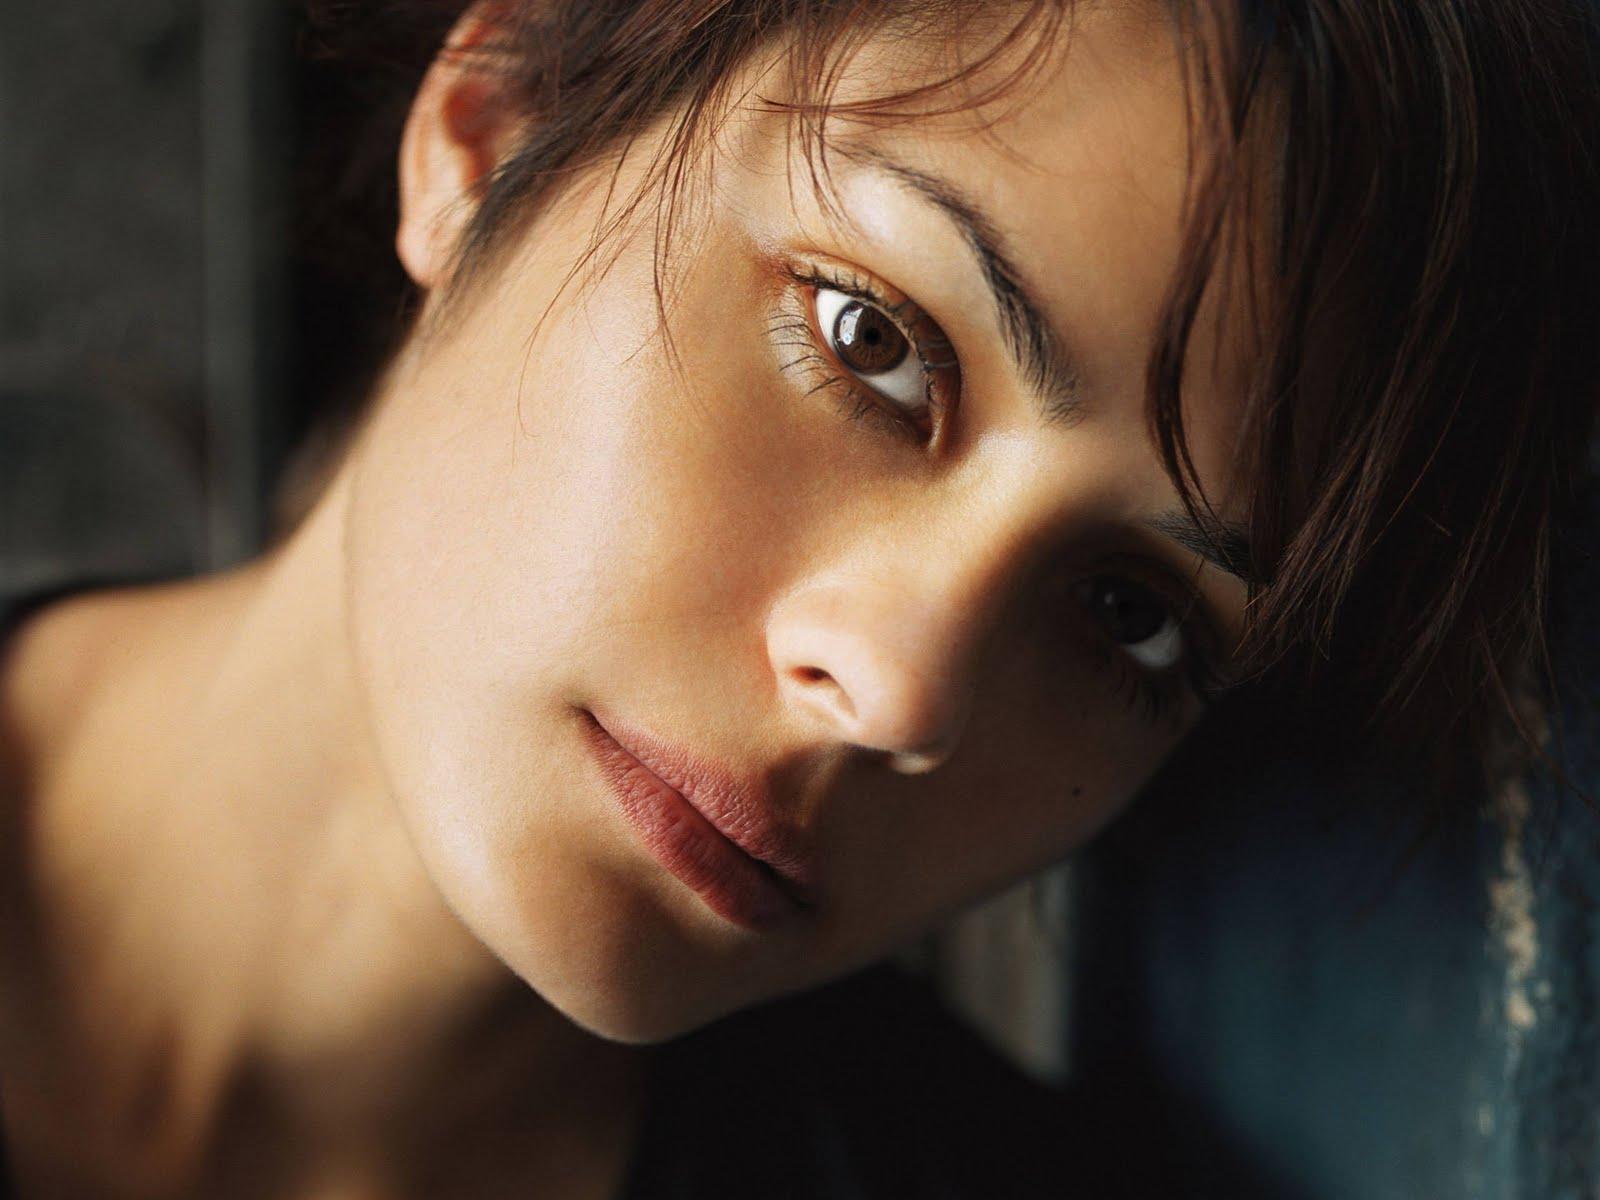 http://2.bp.blogspot.com/-APylB8BnT7s/TjMtE5m88aI/AAAAAAAAAI8/7UnhanydPEg/s1600/shannyn-sossamon-beautiful-face.jpg